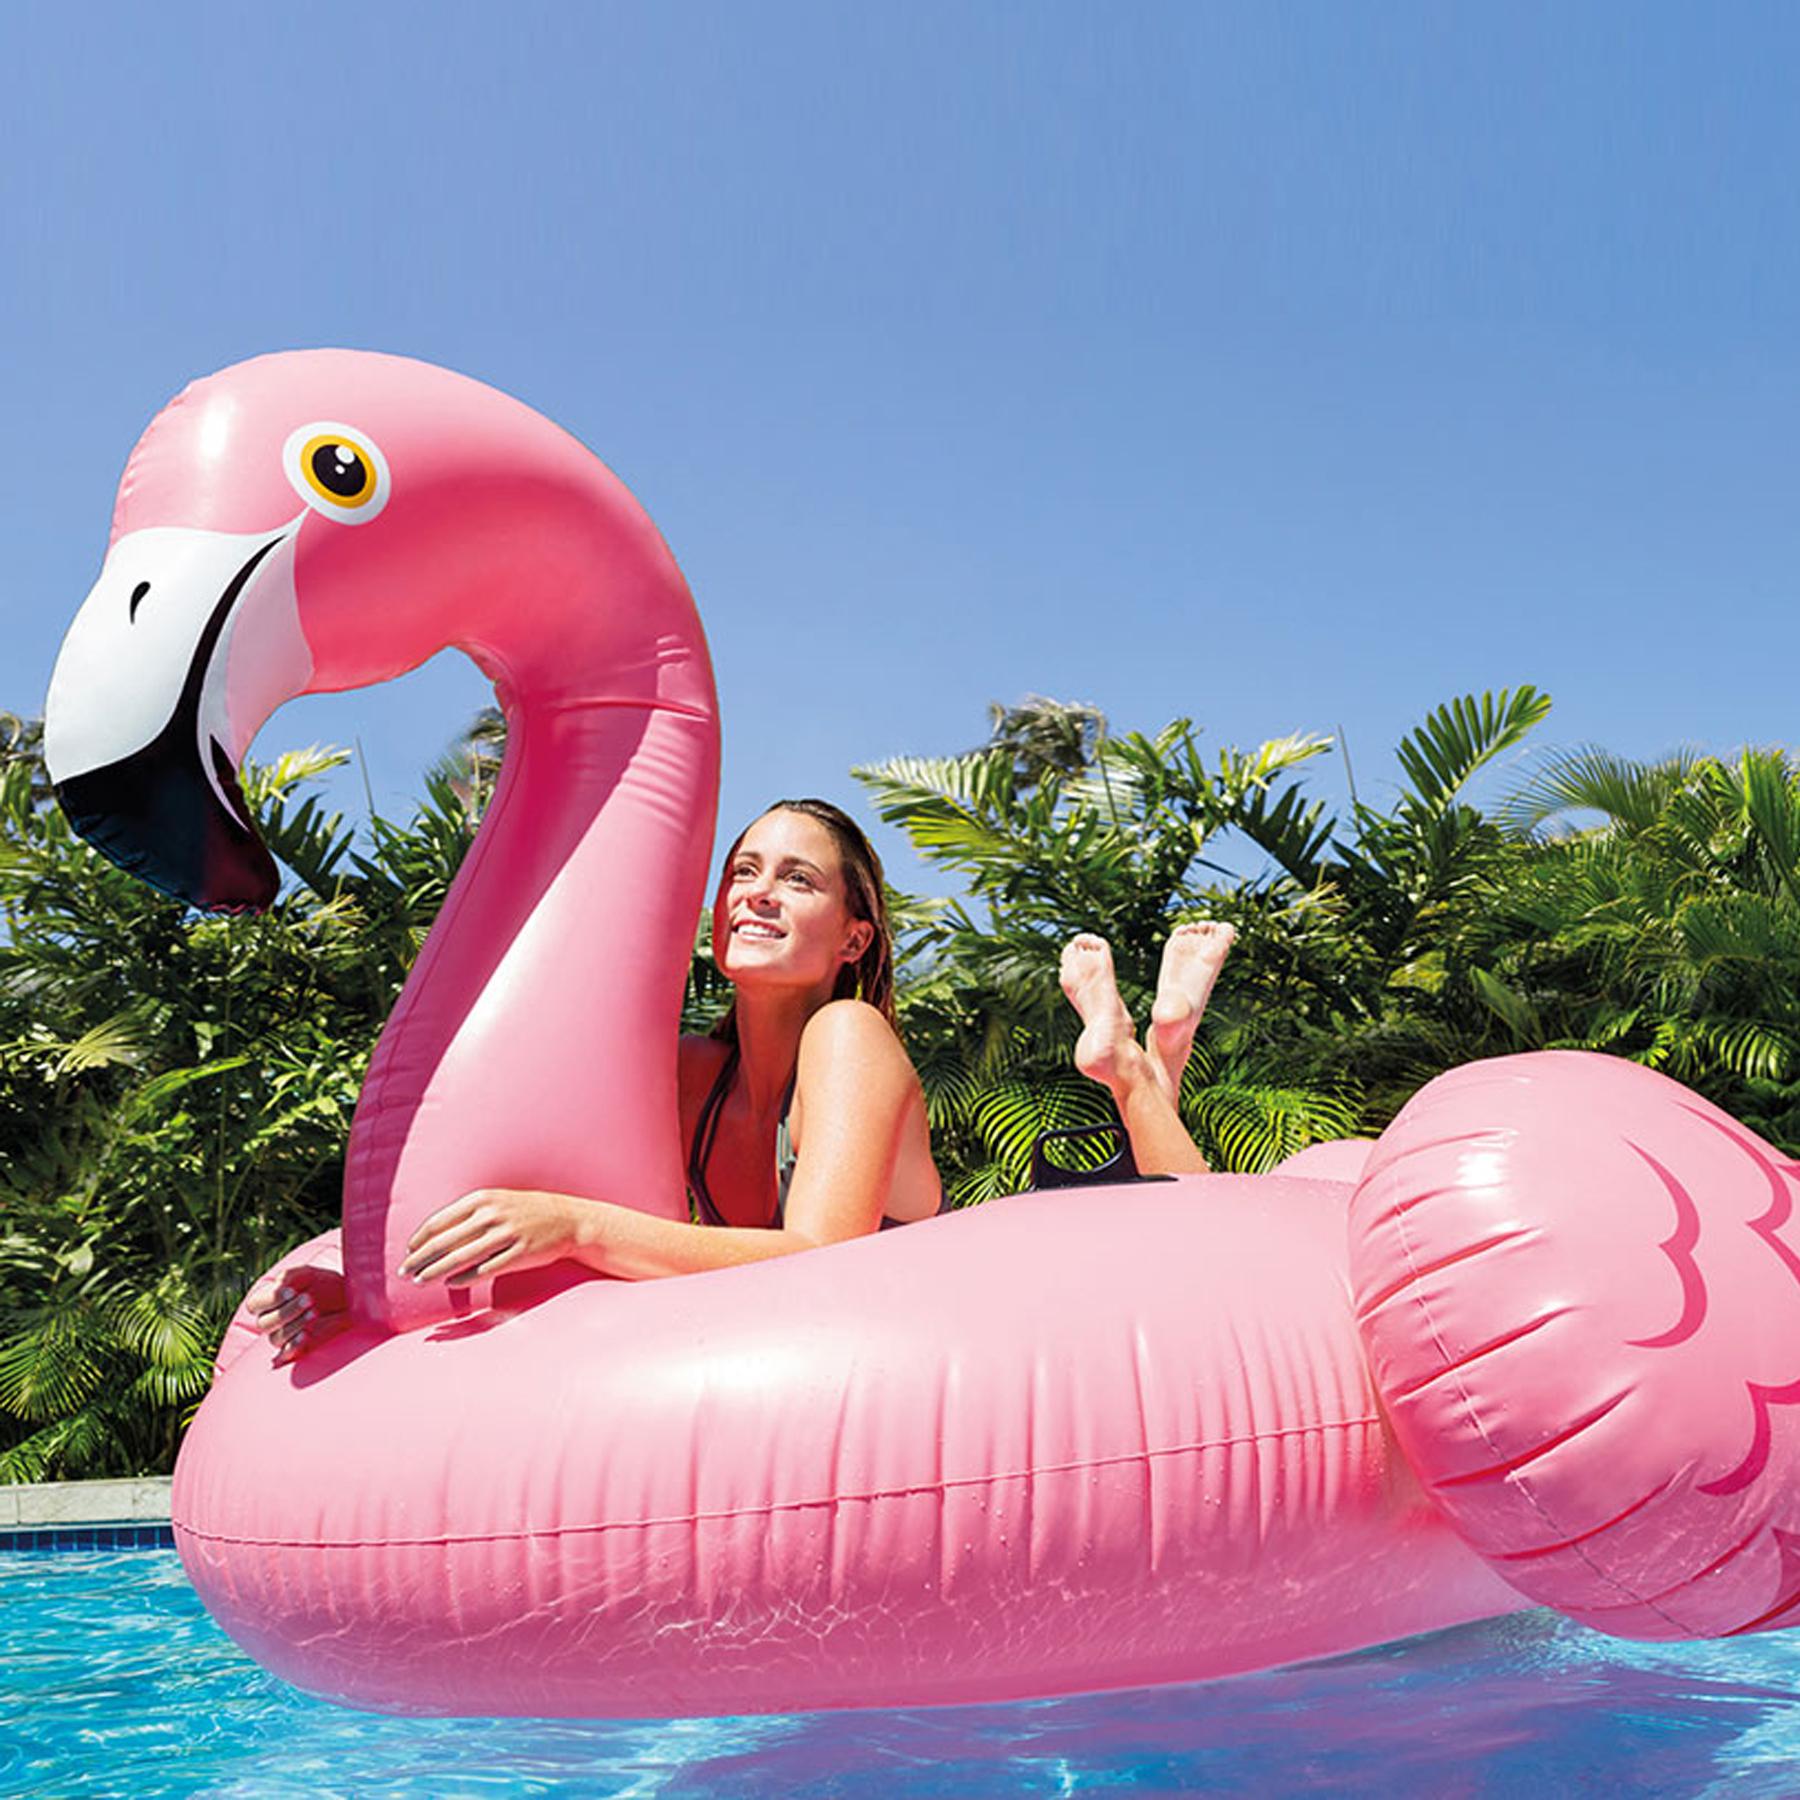 Boias gigantes para piscina veja 4 modelos divertidos em alta - Fotos modelos piscina ...